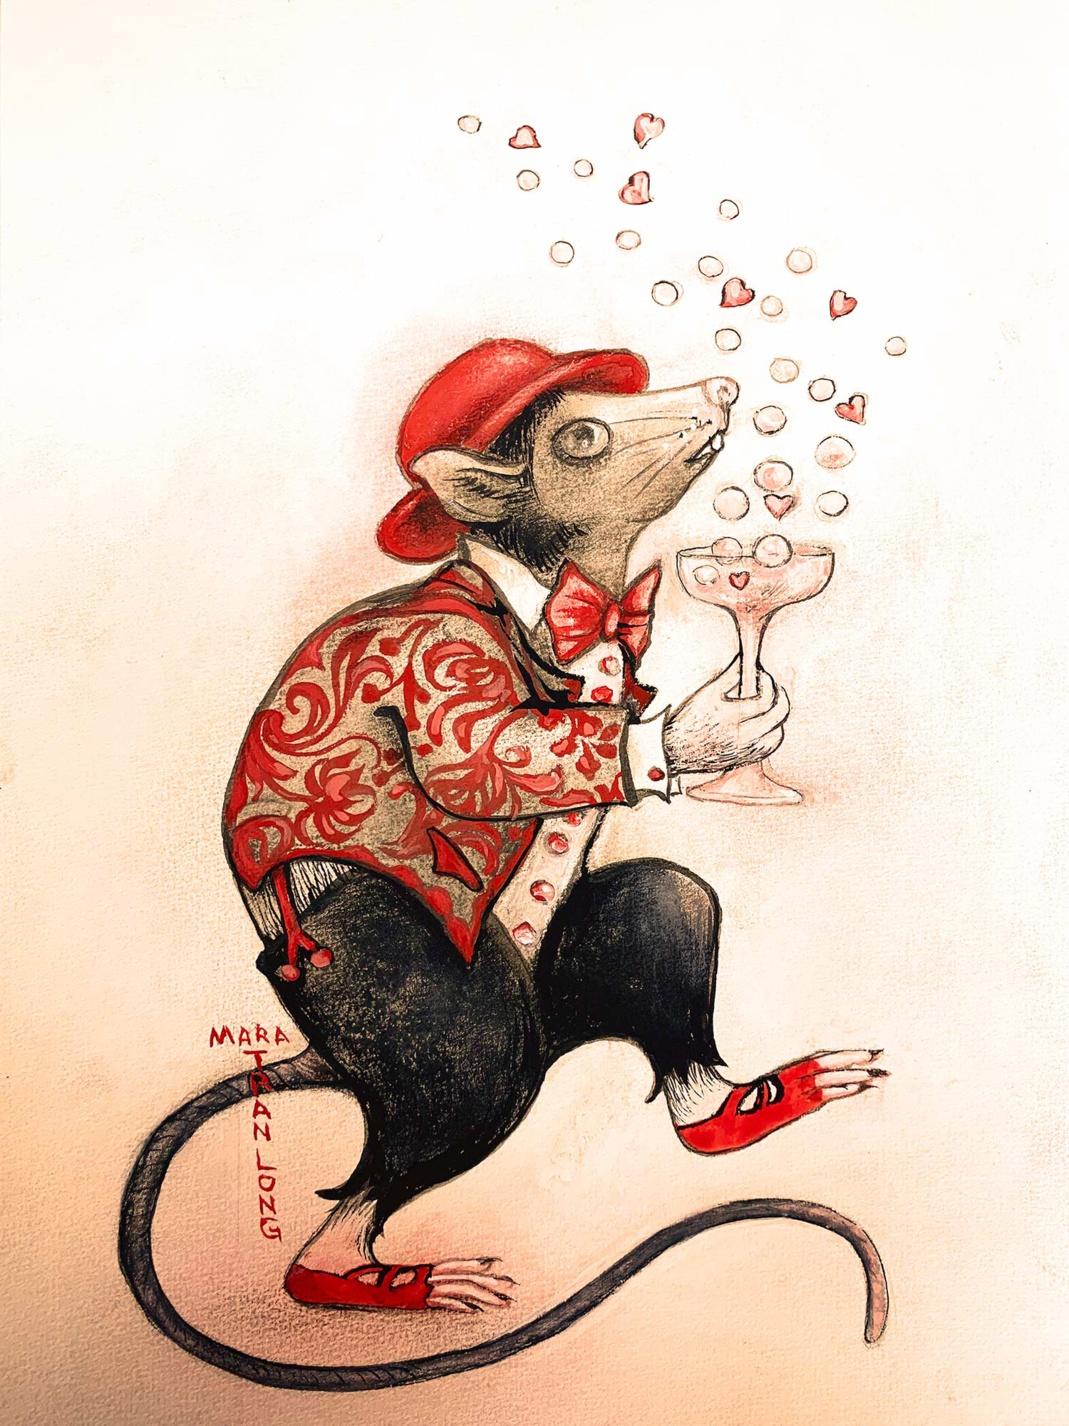 Bonne et heureuse ann�e du Rat